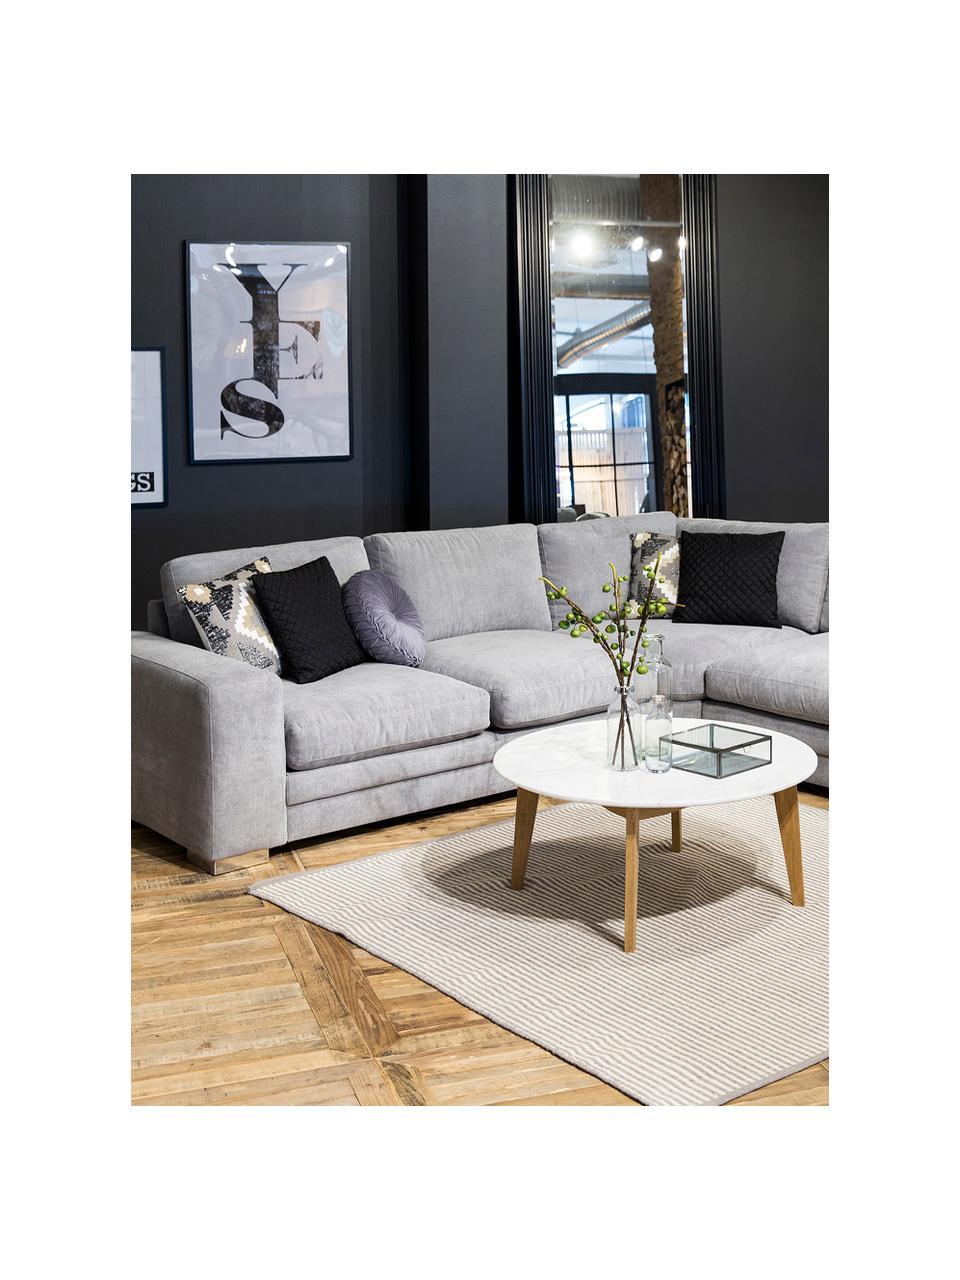 Okrągły stolik kawowy Lucas, Blat: płyta pilśniowa średniej , Nogi: drewno dębowe, Biały, drewno dębowe, Ø 90 x W 42 cm